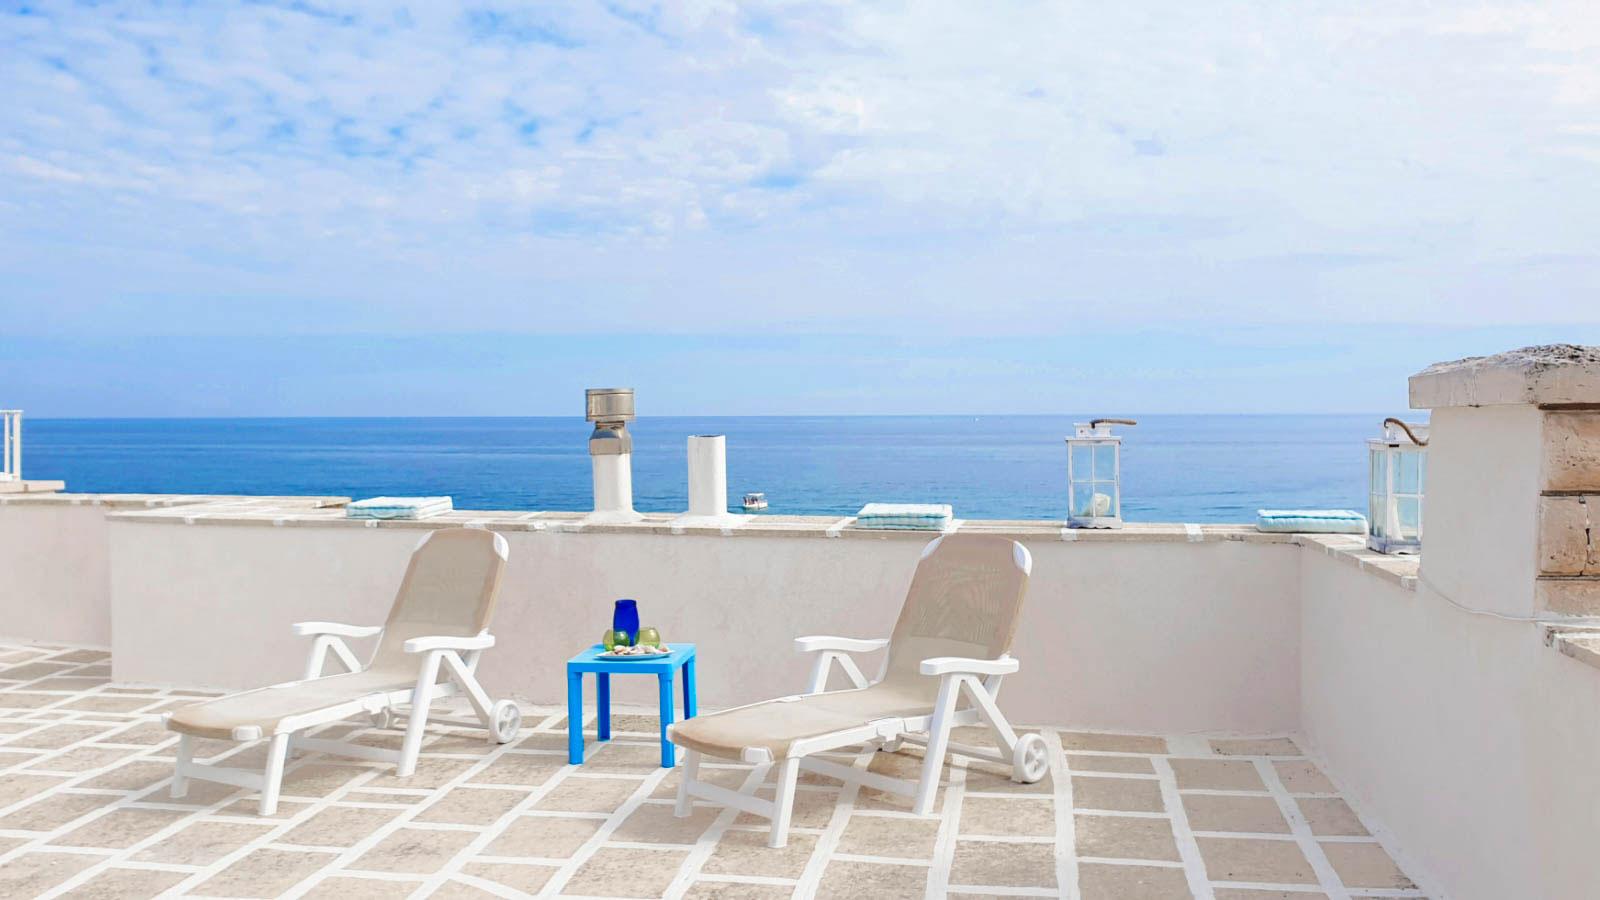 vacanze ostuni casa corallo terrazza con sdraio sul mare